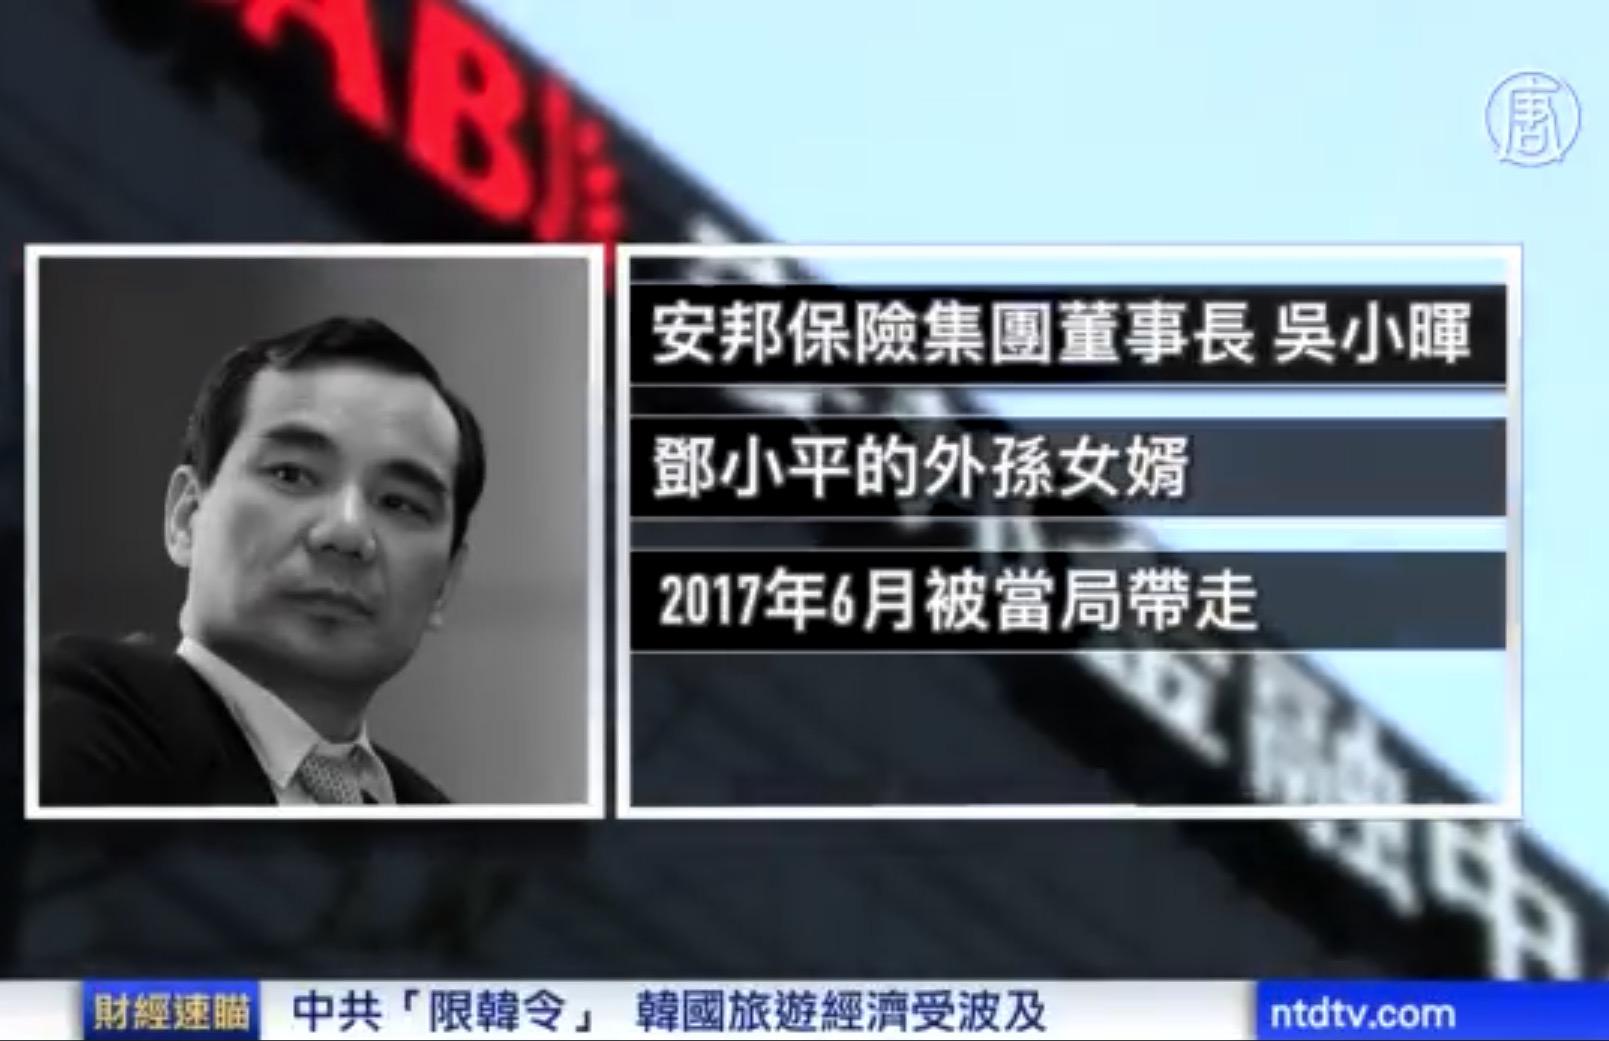 紅色「駙馬」吳小暉(已故中共領導人鄧小平的外孫女婿)被公訴,去年6月被當局帶走。(視像擷圖)